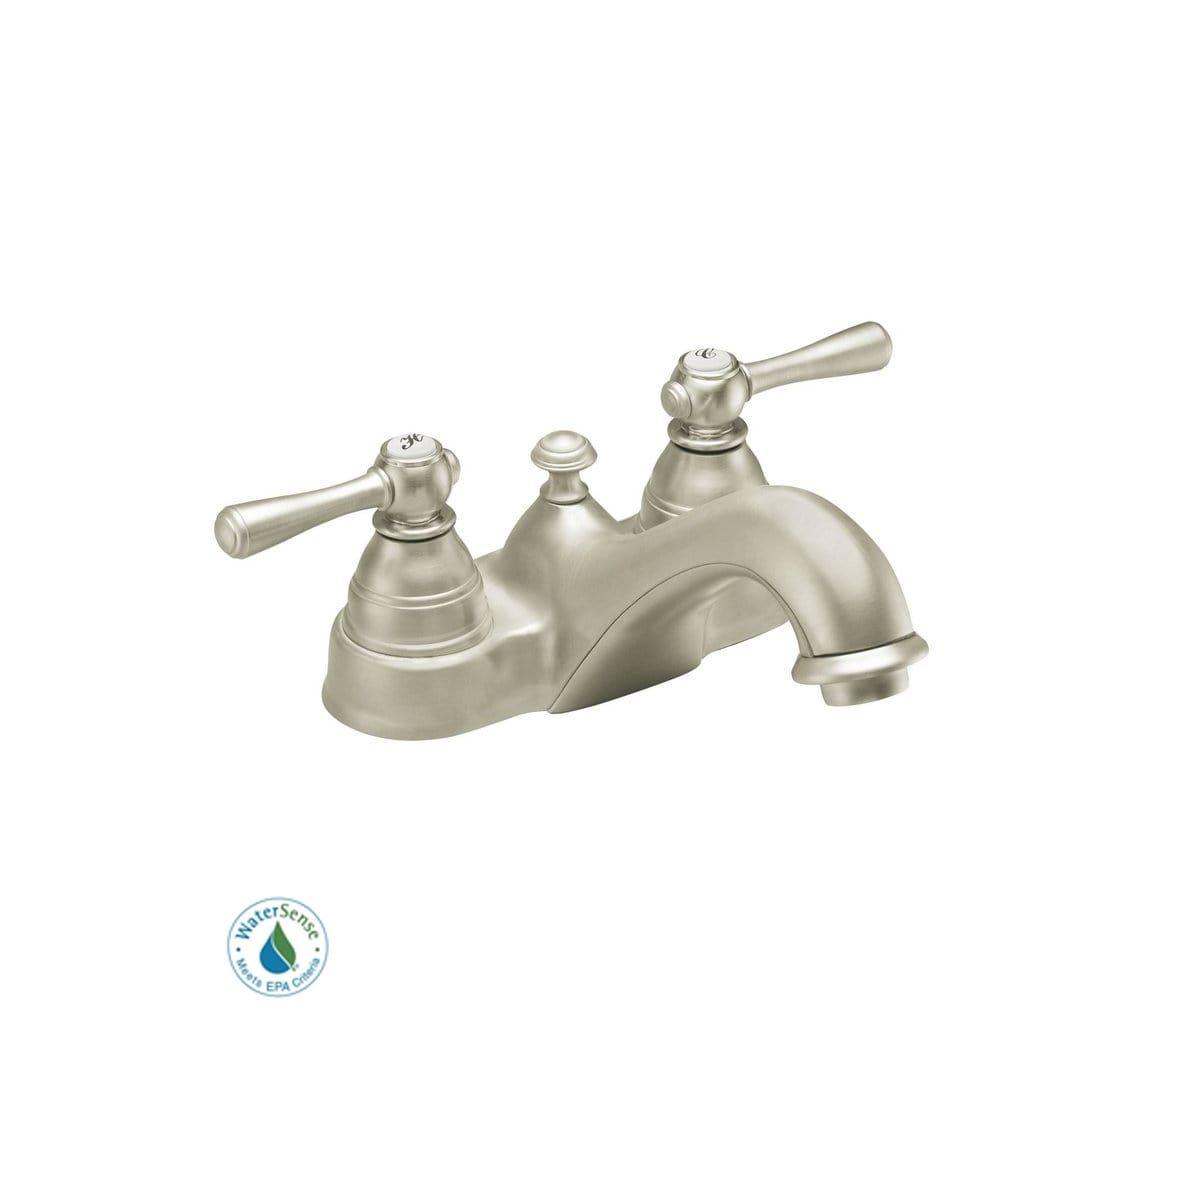 Moen 6101 Faucets X2 Faucet Bathroom Faucets